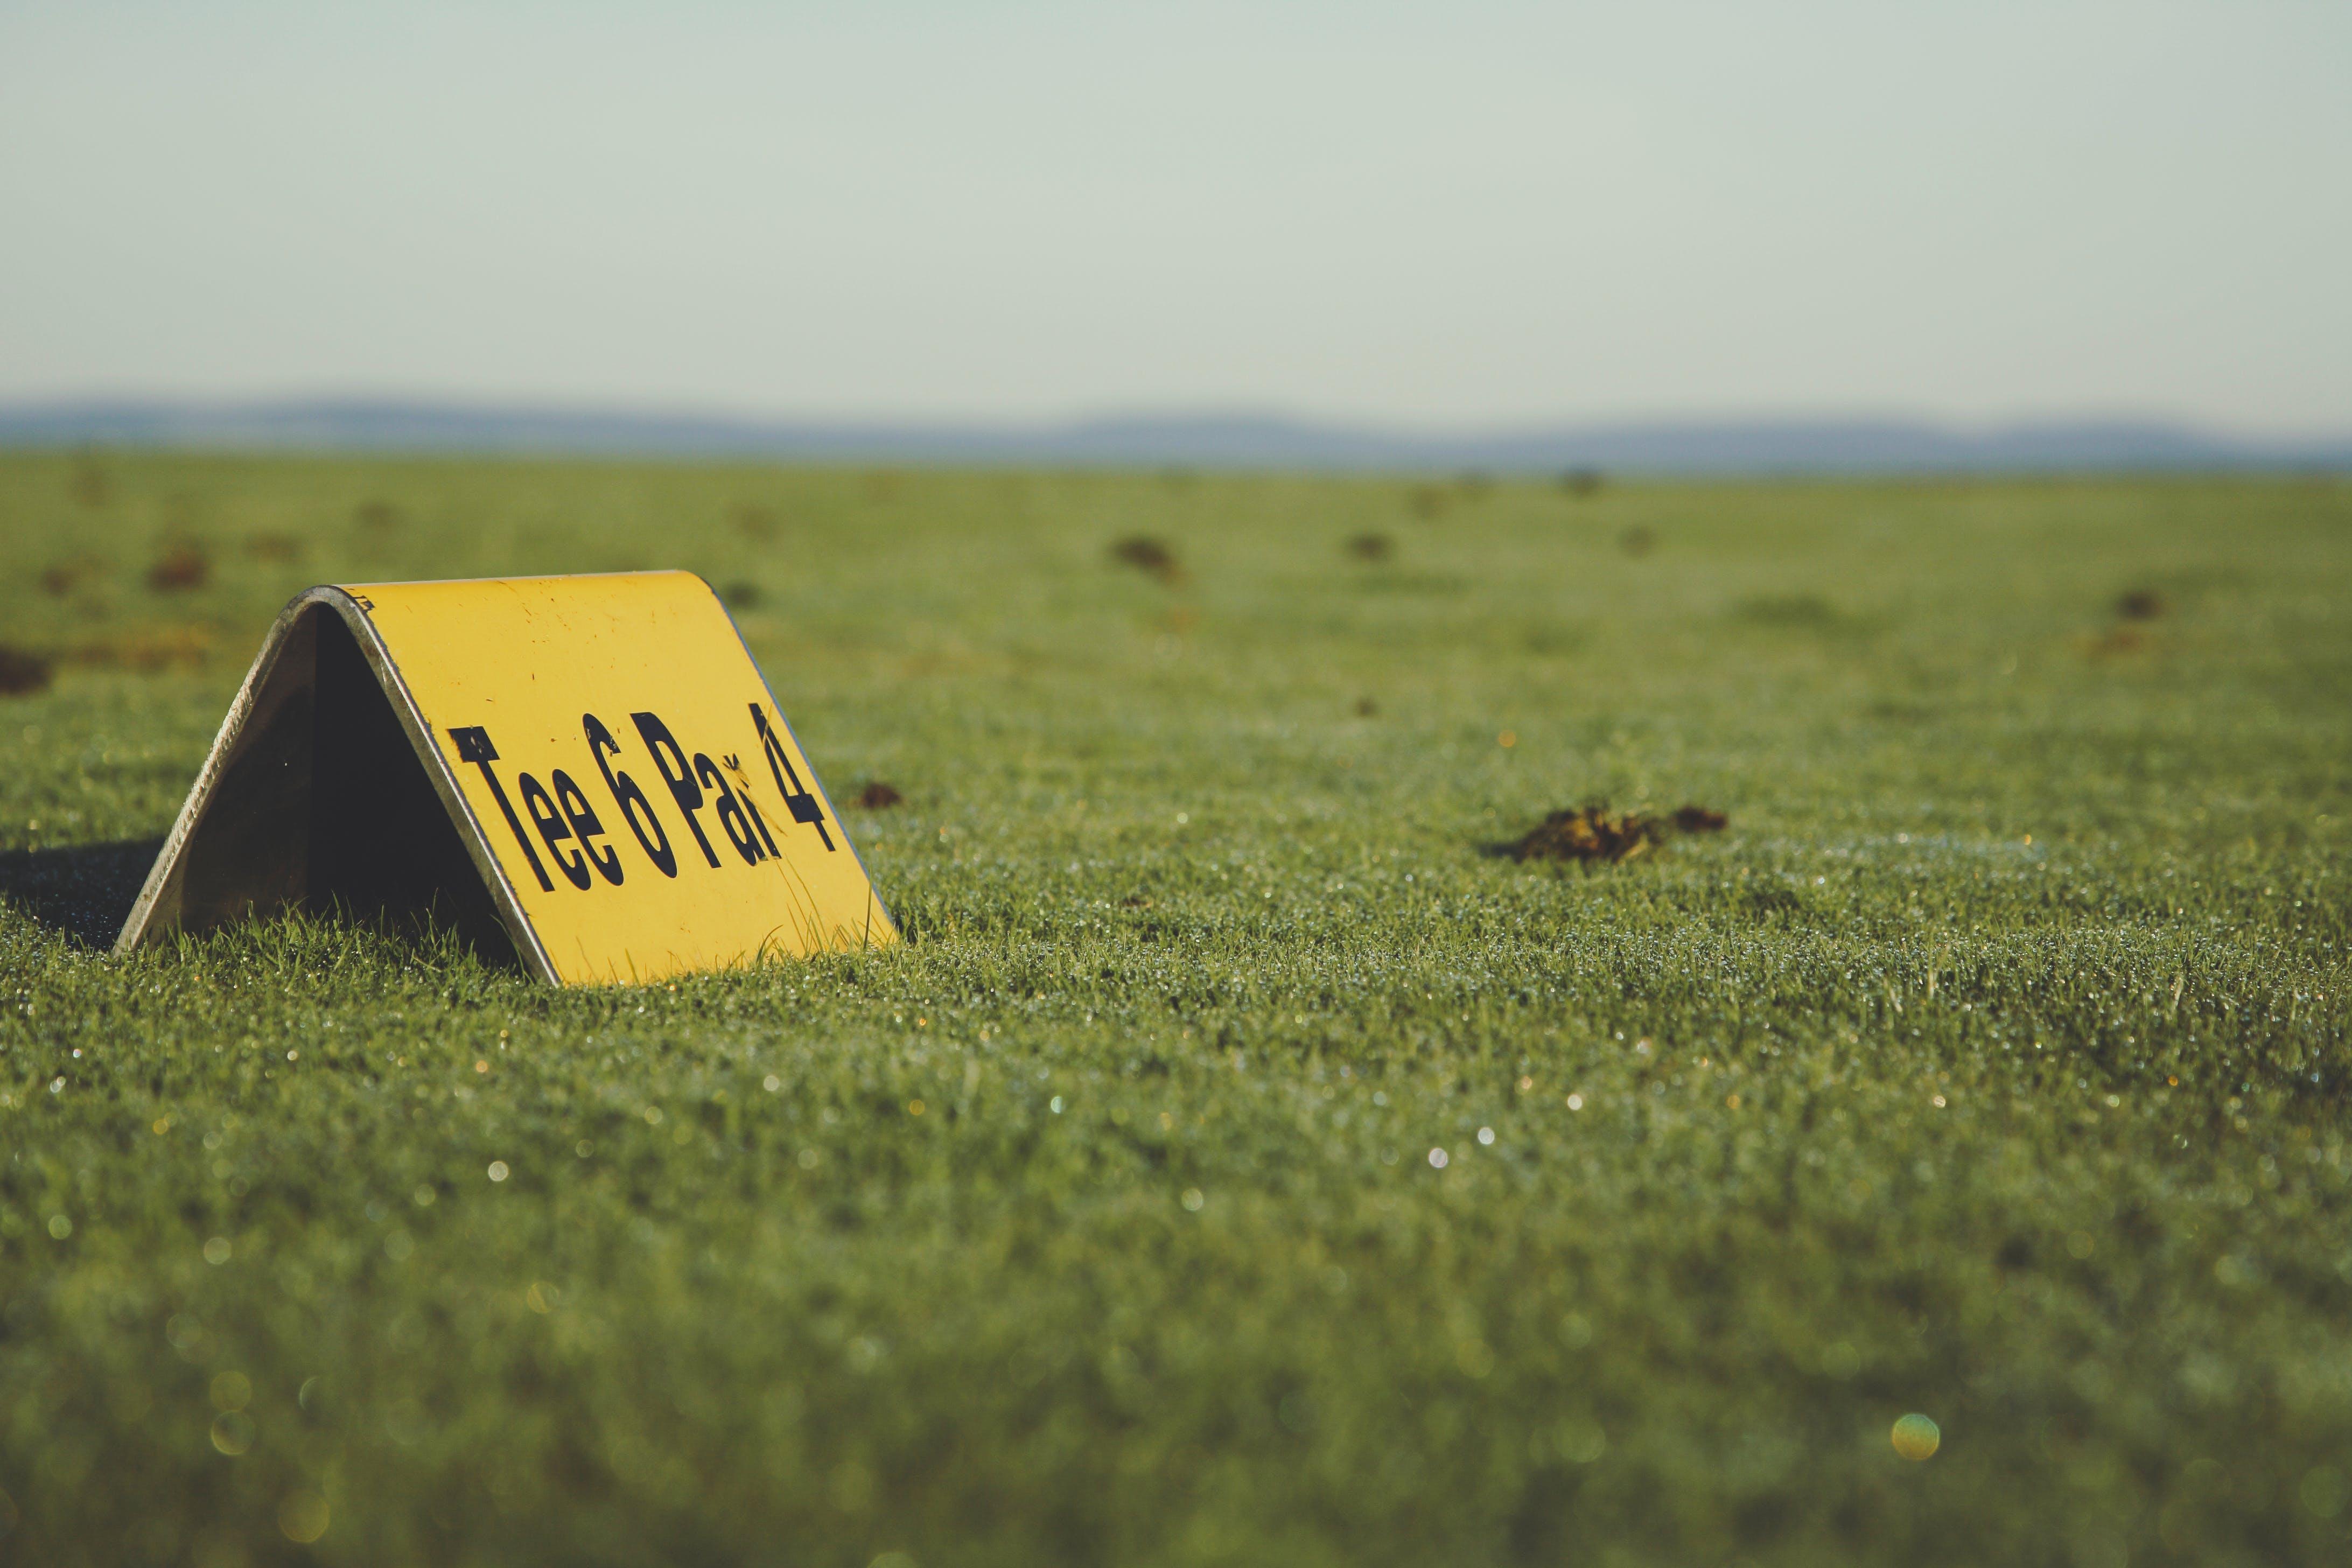 Gratis arkivbilde med åker, bakken, gress, grønn